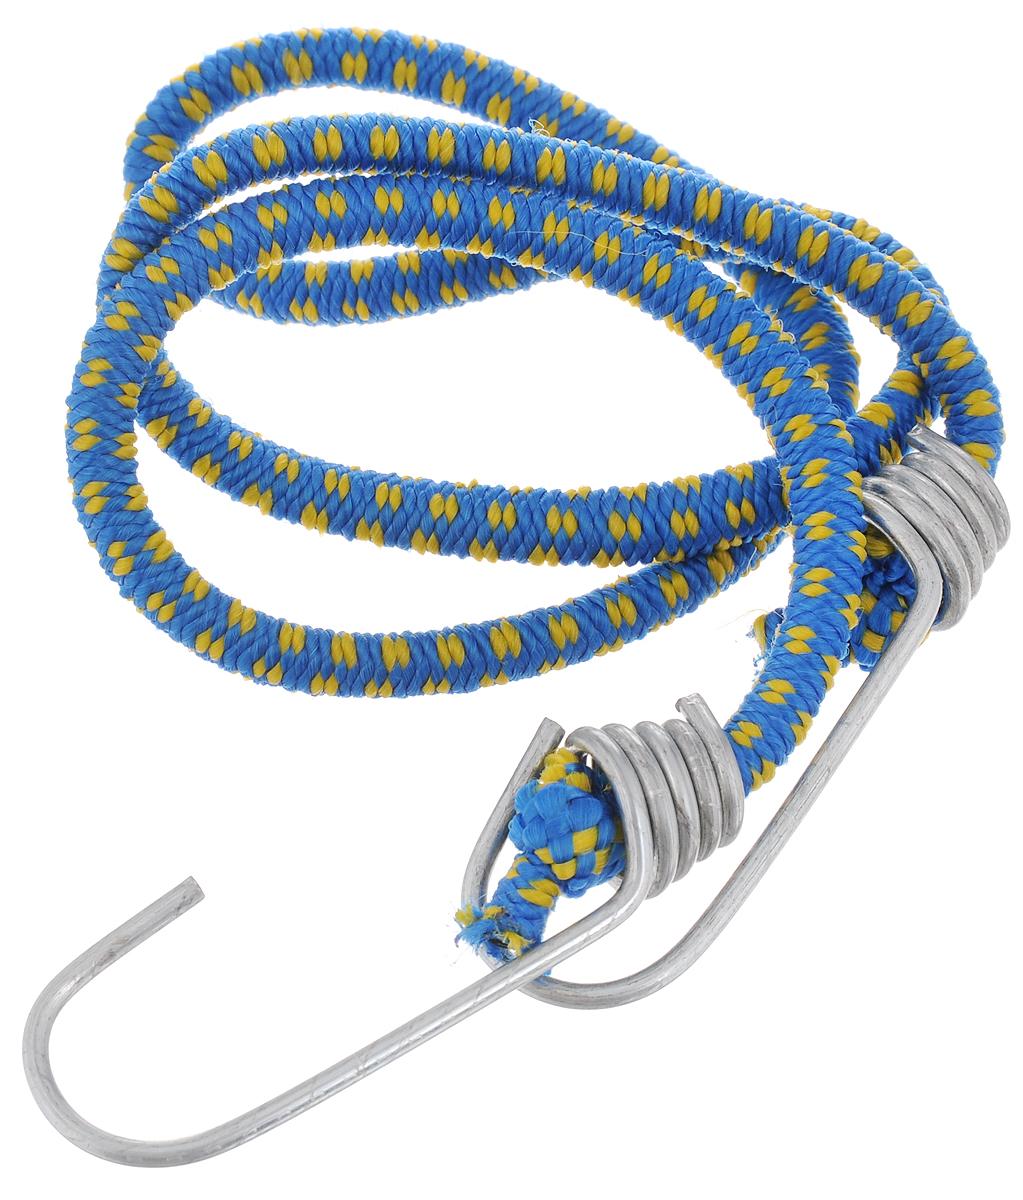 Резинка багажная МастерПроф, с крючками, цвет: синий, желтый, 0,6 х 80 см. АС.020021АС.020021_синий, желтыйБагажная резинка МастерПроф, выполненная из синтетического каучука, оснащена специальными металлическими крючками, которые обеспечивают прочное крепление и не допускают смещения груза во время его перевозки. Изделие применяется для закрепления предметов к багажнику. Такая резинка позволит зафиксировать как небольшой груз, так и довольно габаритный. Температура использования: -15°C до +50°C. Безопасное удлинение: 60%. Толщина резинки: 0,6 см. Длина резинки: 80 см.